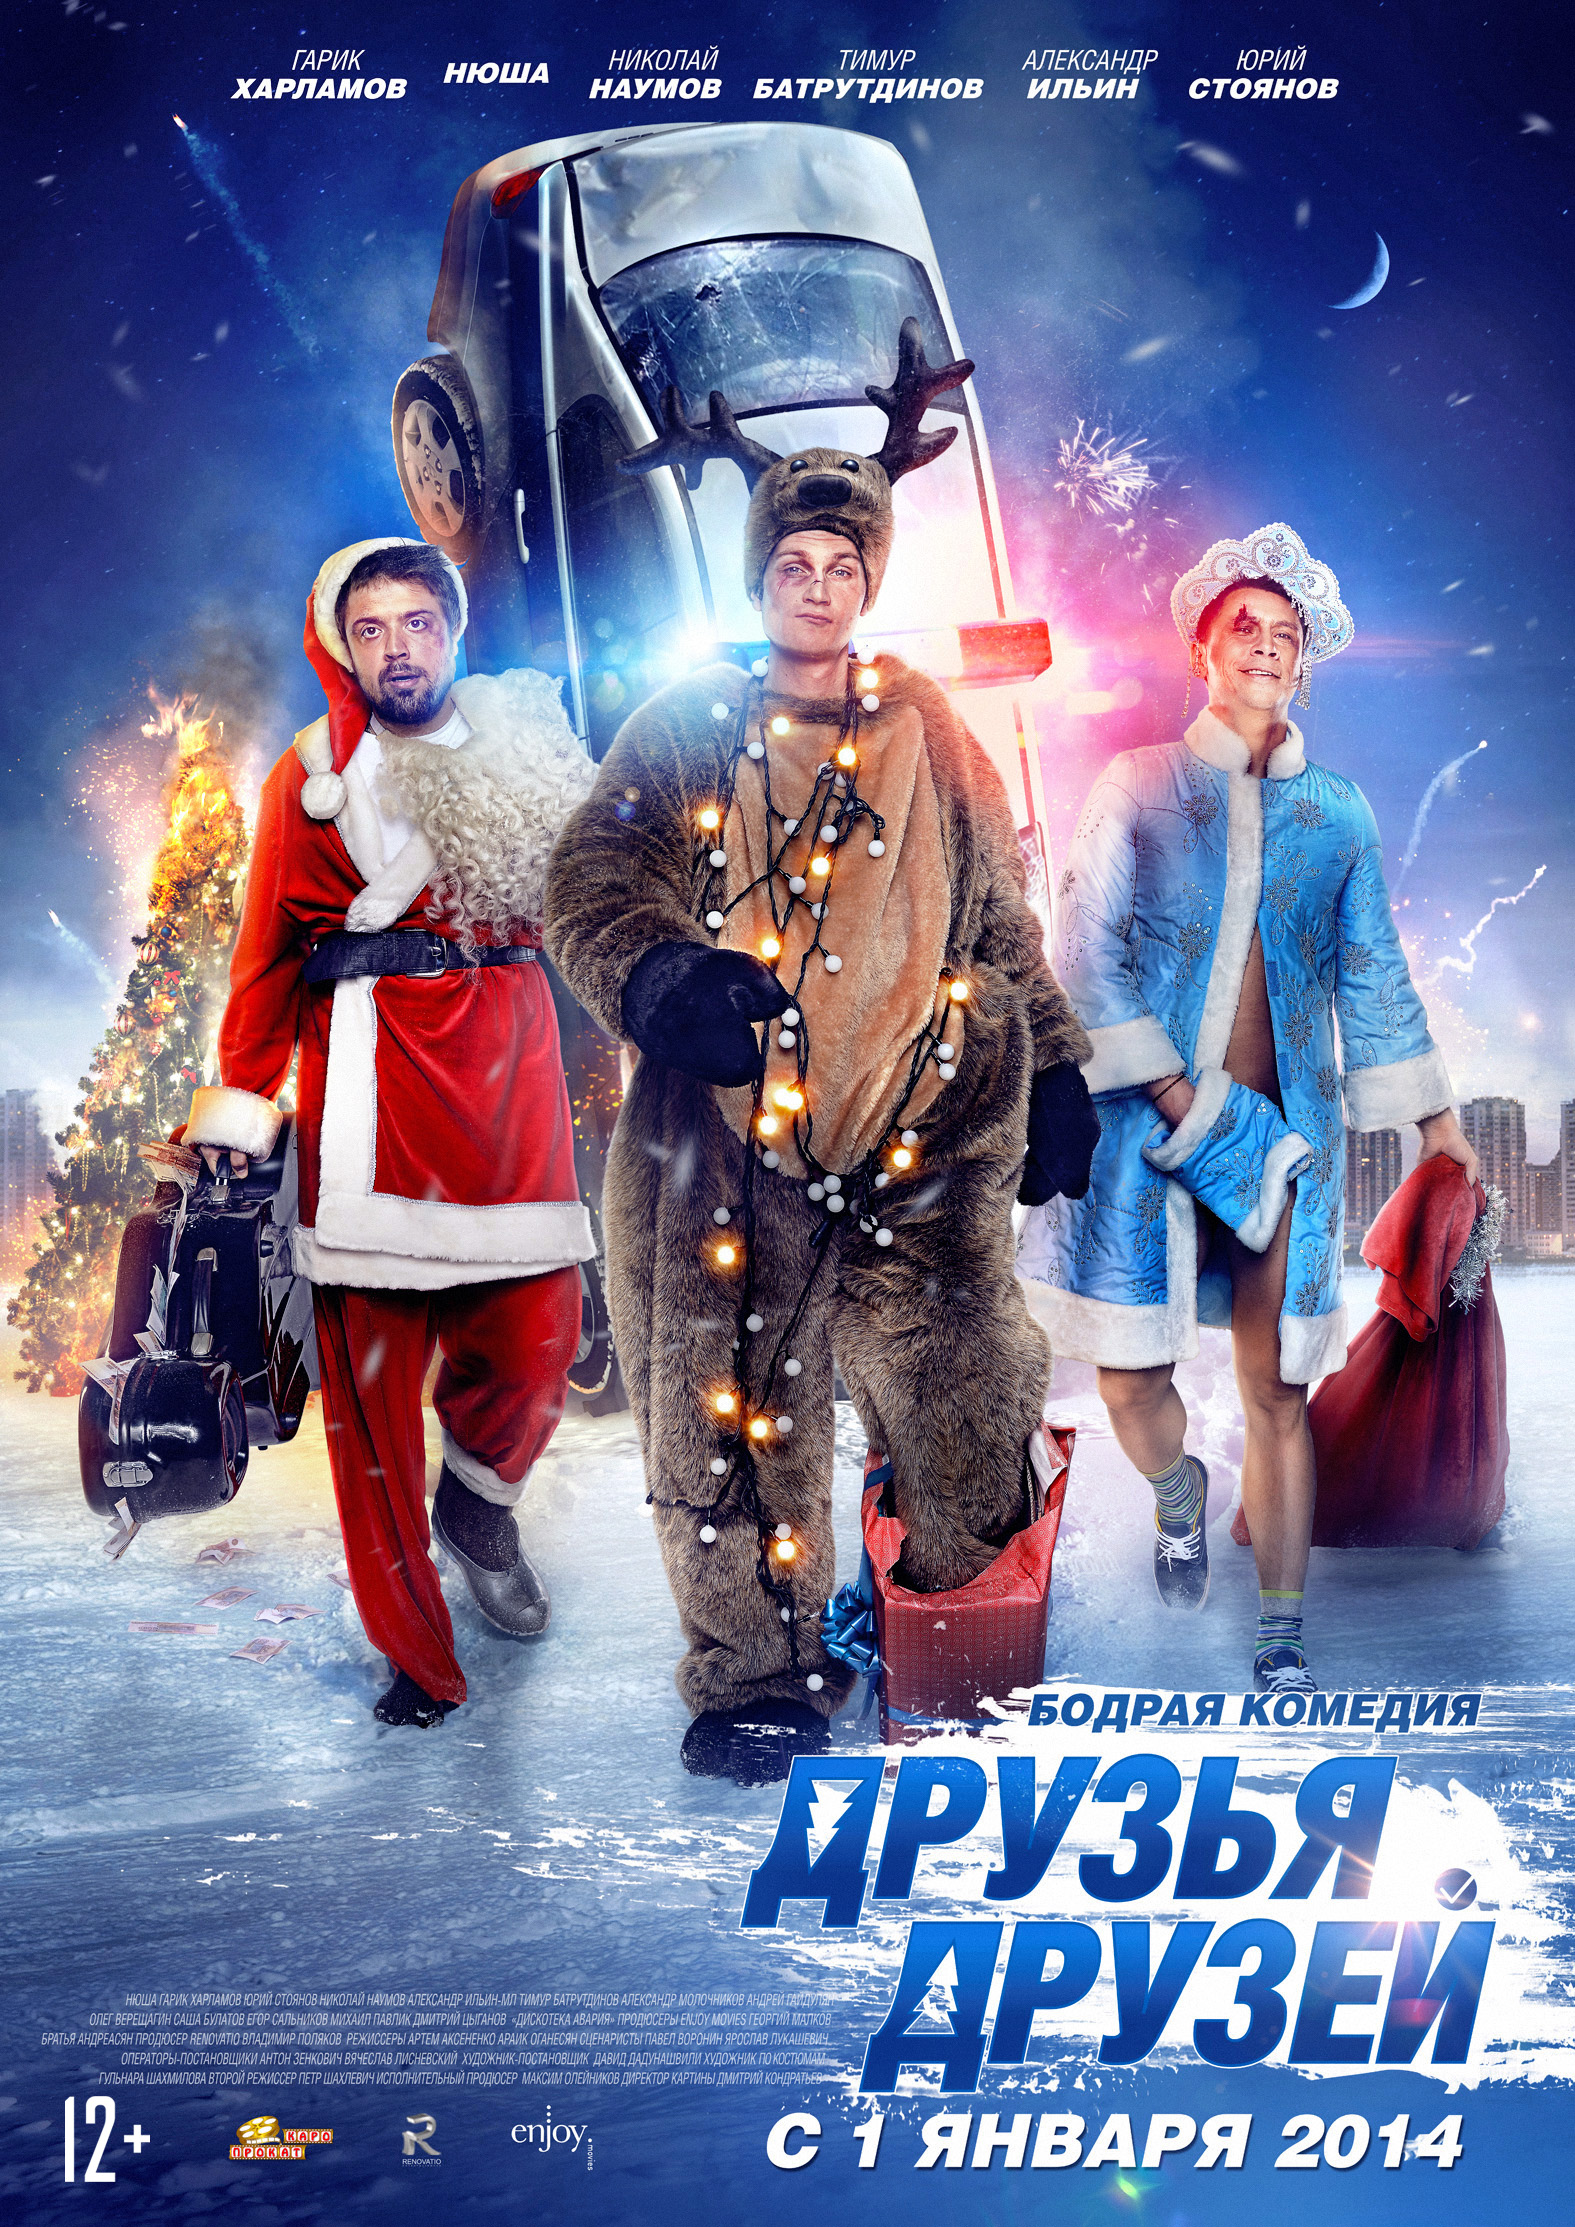 «Фильм Комедия Про» — 2013